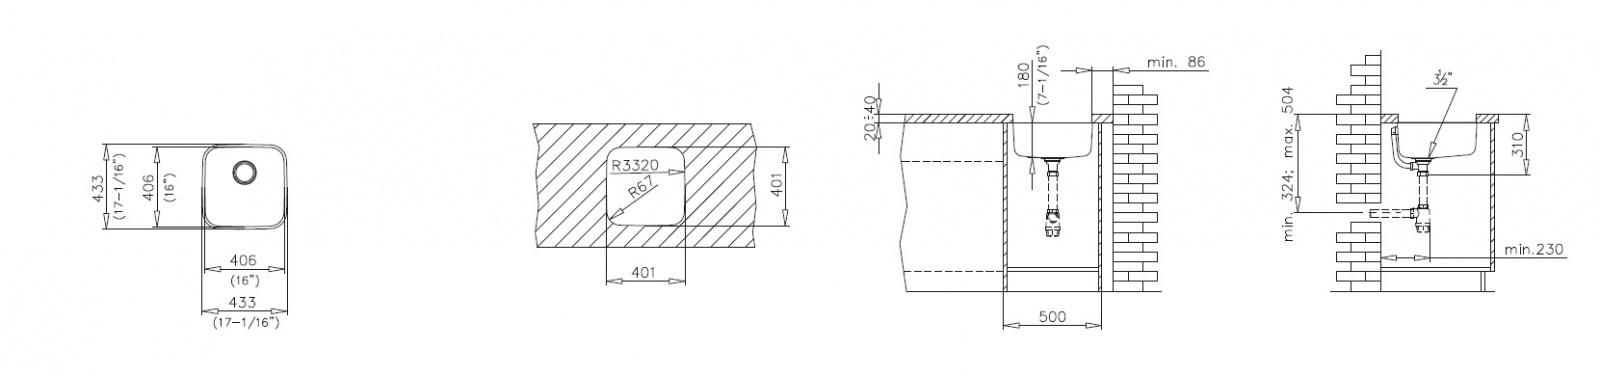 Teka Keittiöallas BE 40 40, altapäin kiinnitettävä, 1 altainen, 433x433mm, rs